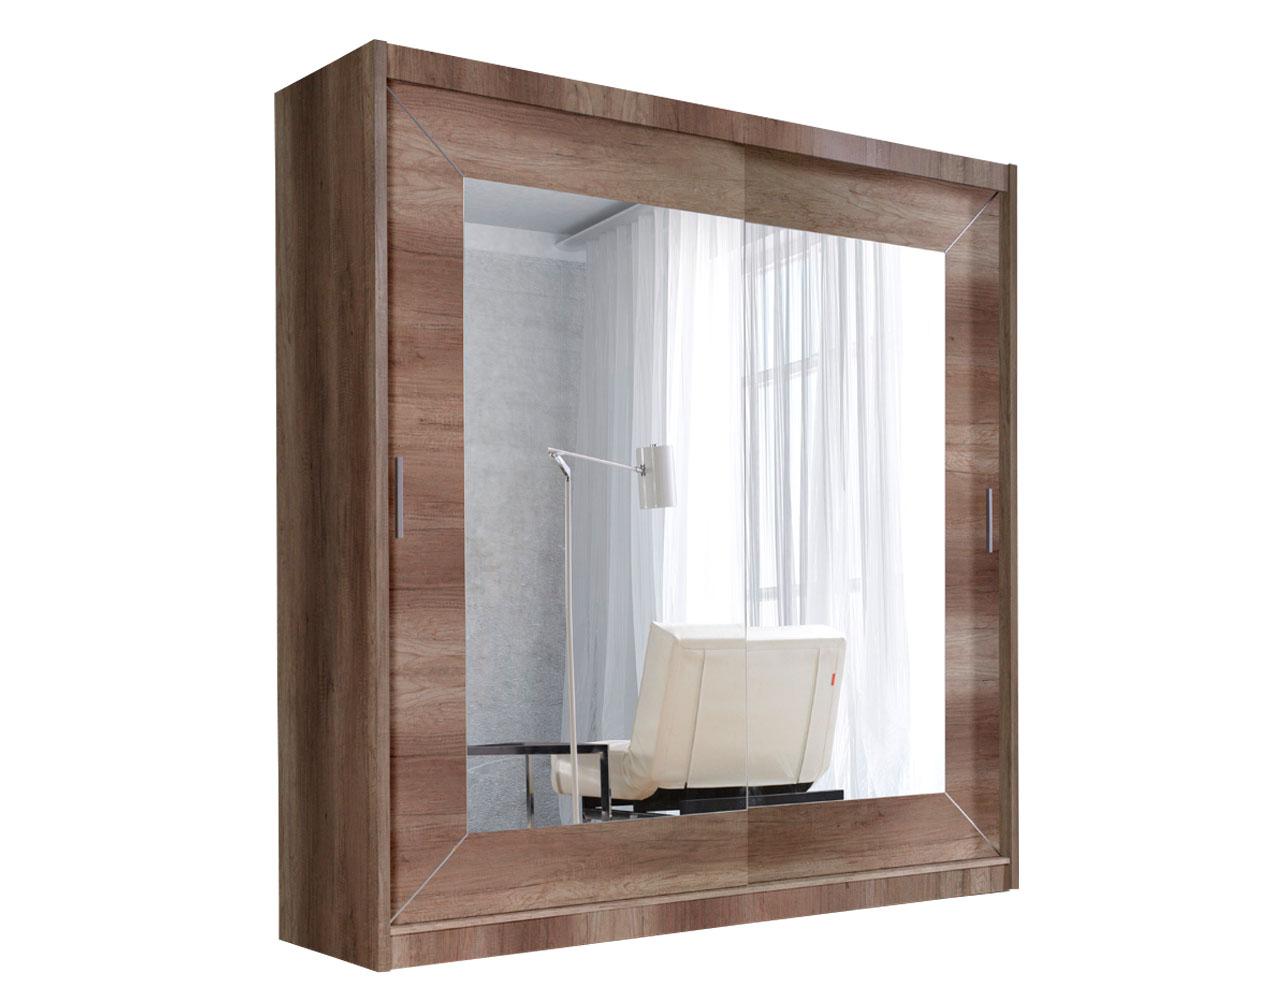 kleiderschrank alfa 180 mit spiegel schrank schiebet ren. Black Bedroom Furniture Sets. Home Design Ideas